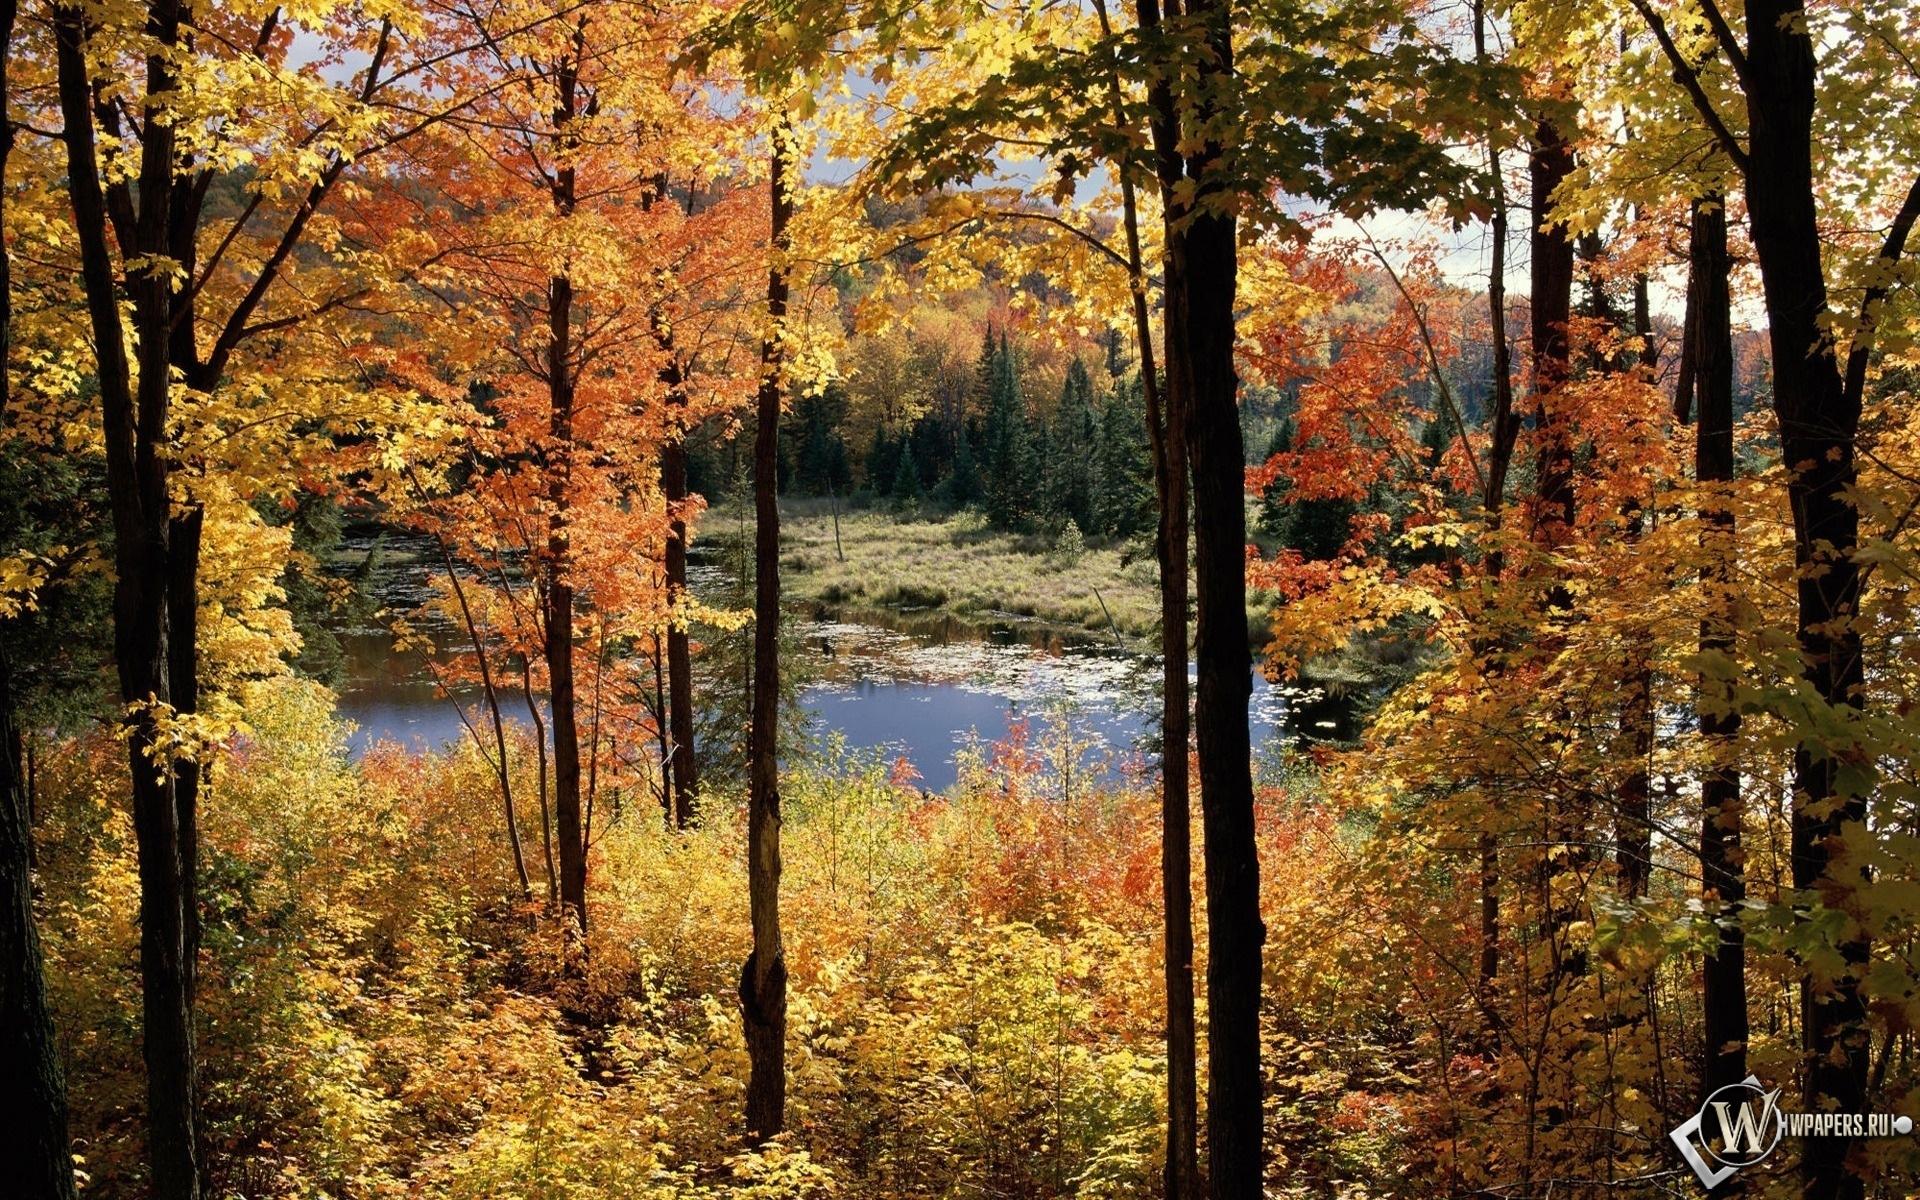 Осенний пейзаж 1920x1200